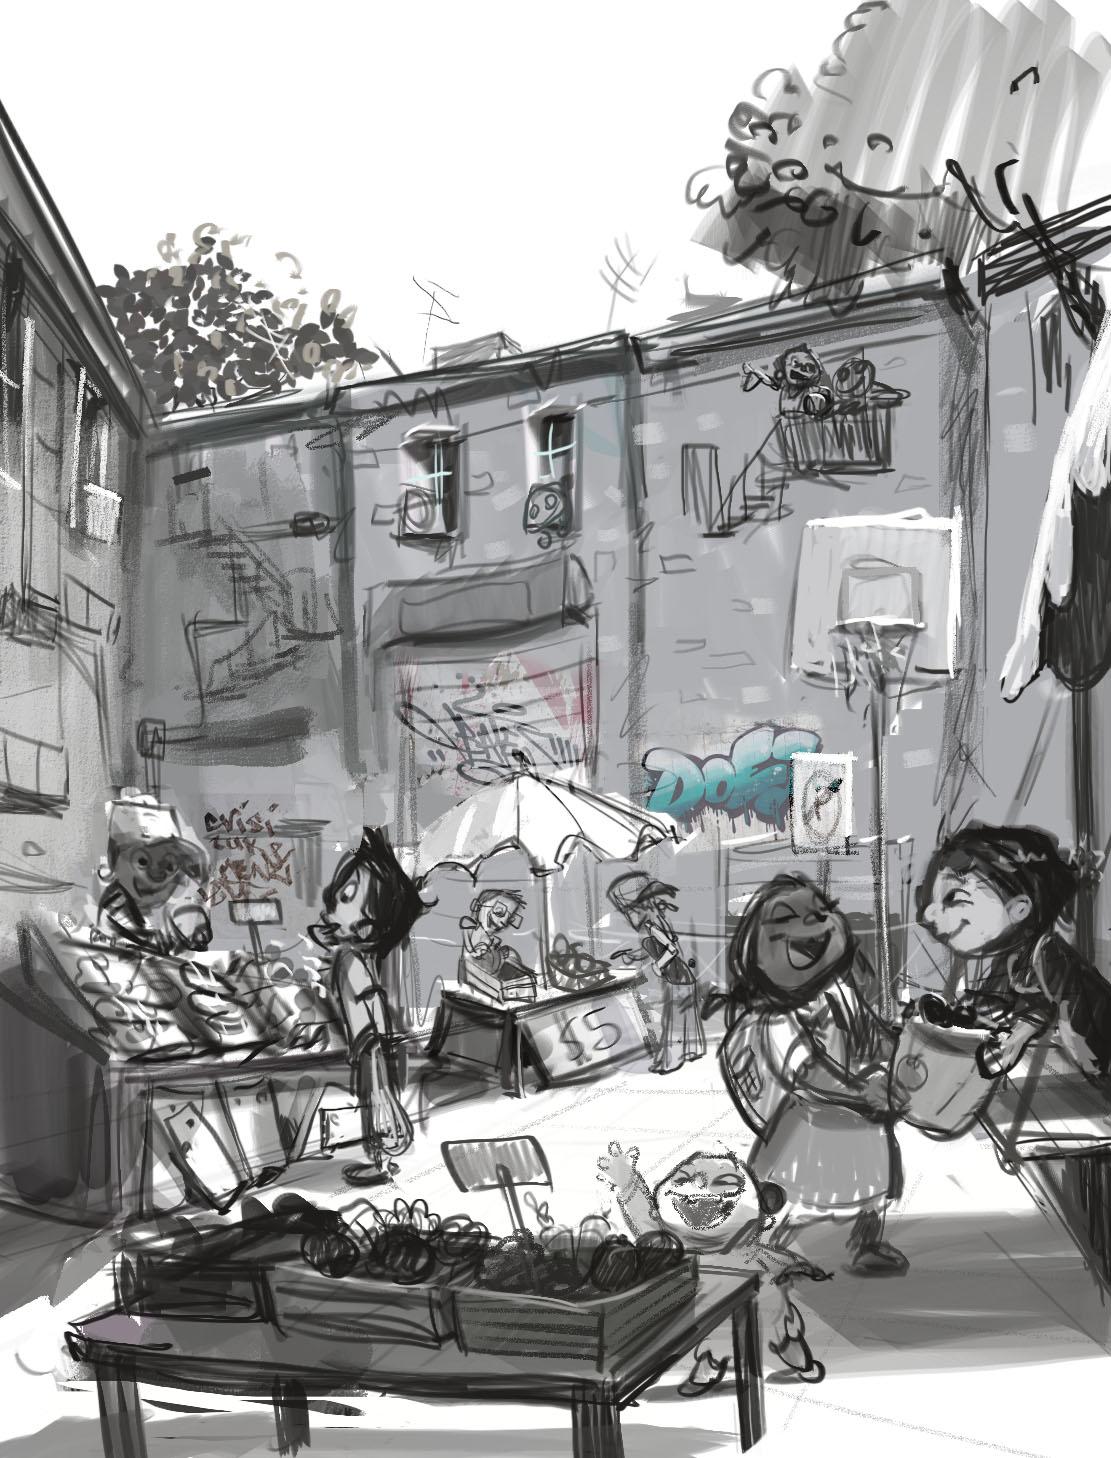 FriendMagazine_sketch1b